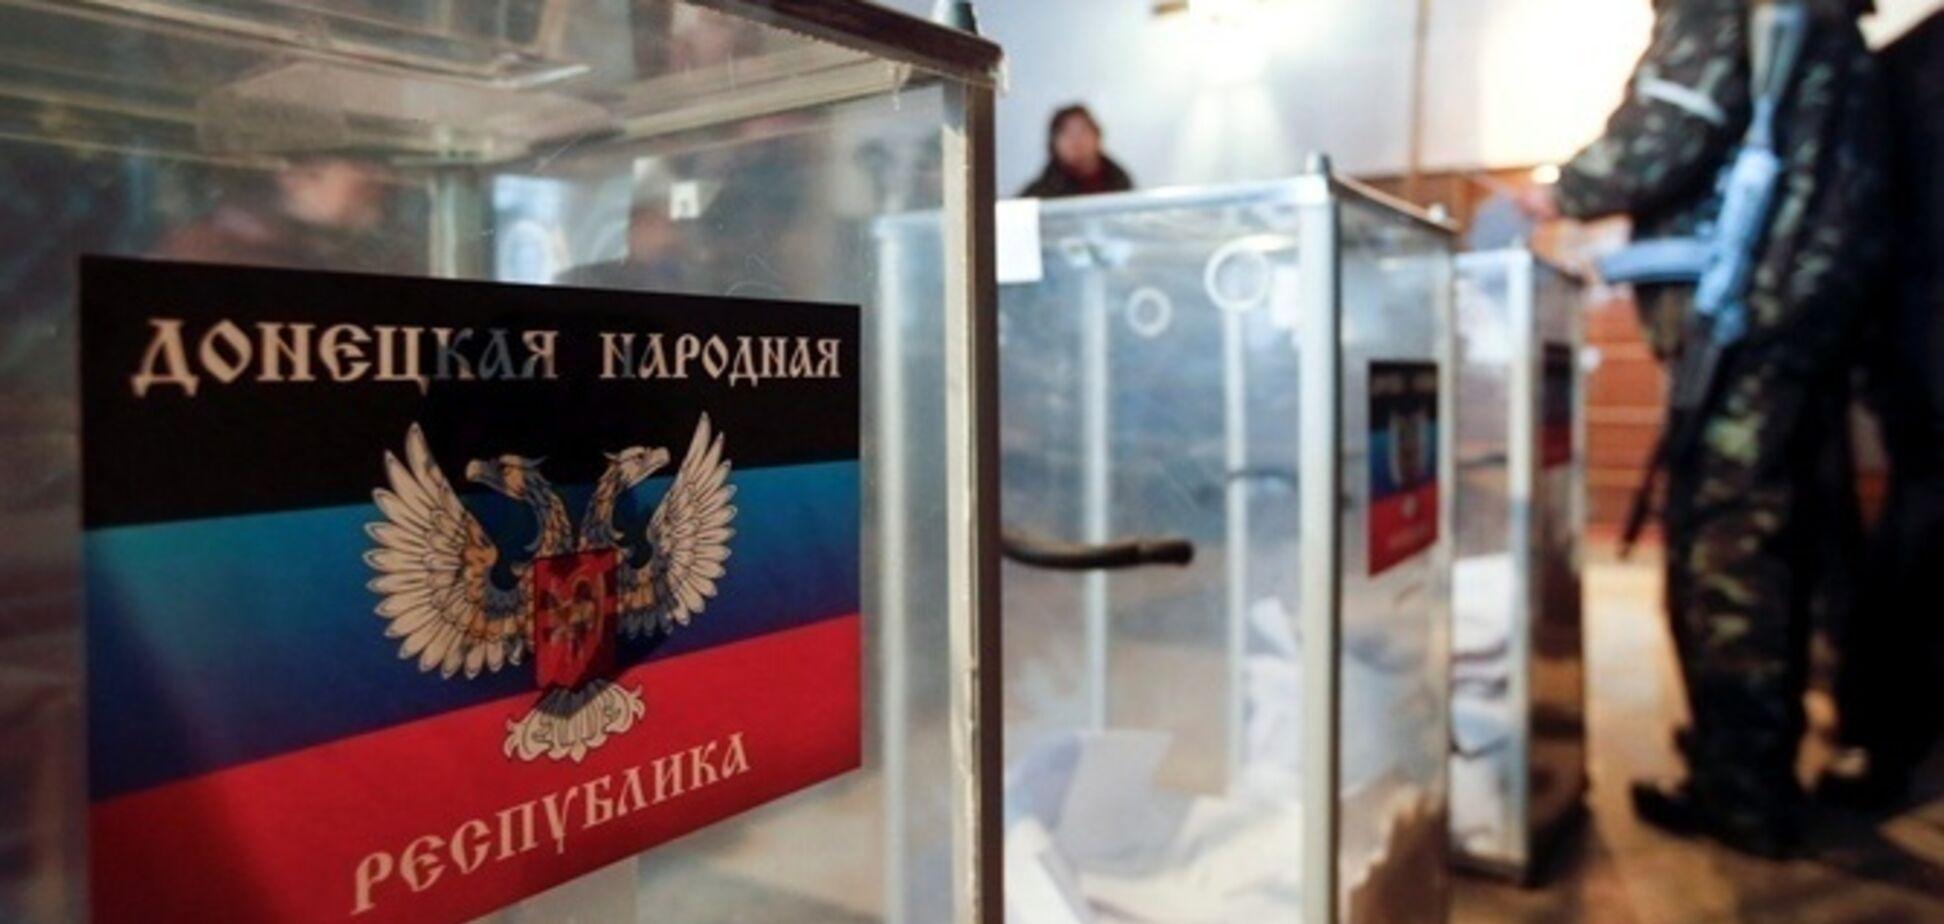 ЕС накажет Россию за ''фейковые выборы'' на Донбассе: озвучены сроки